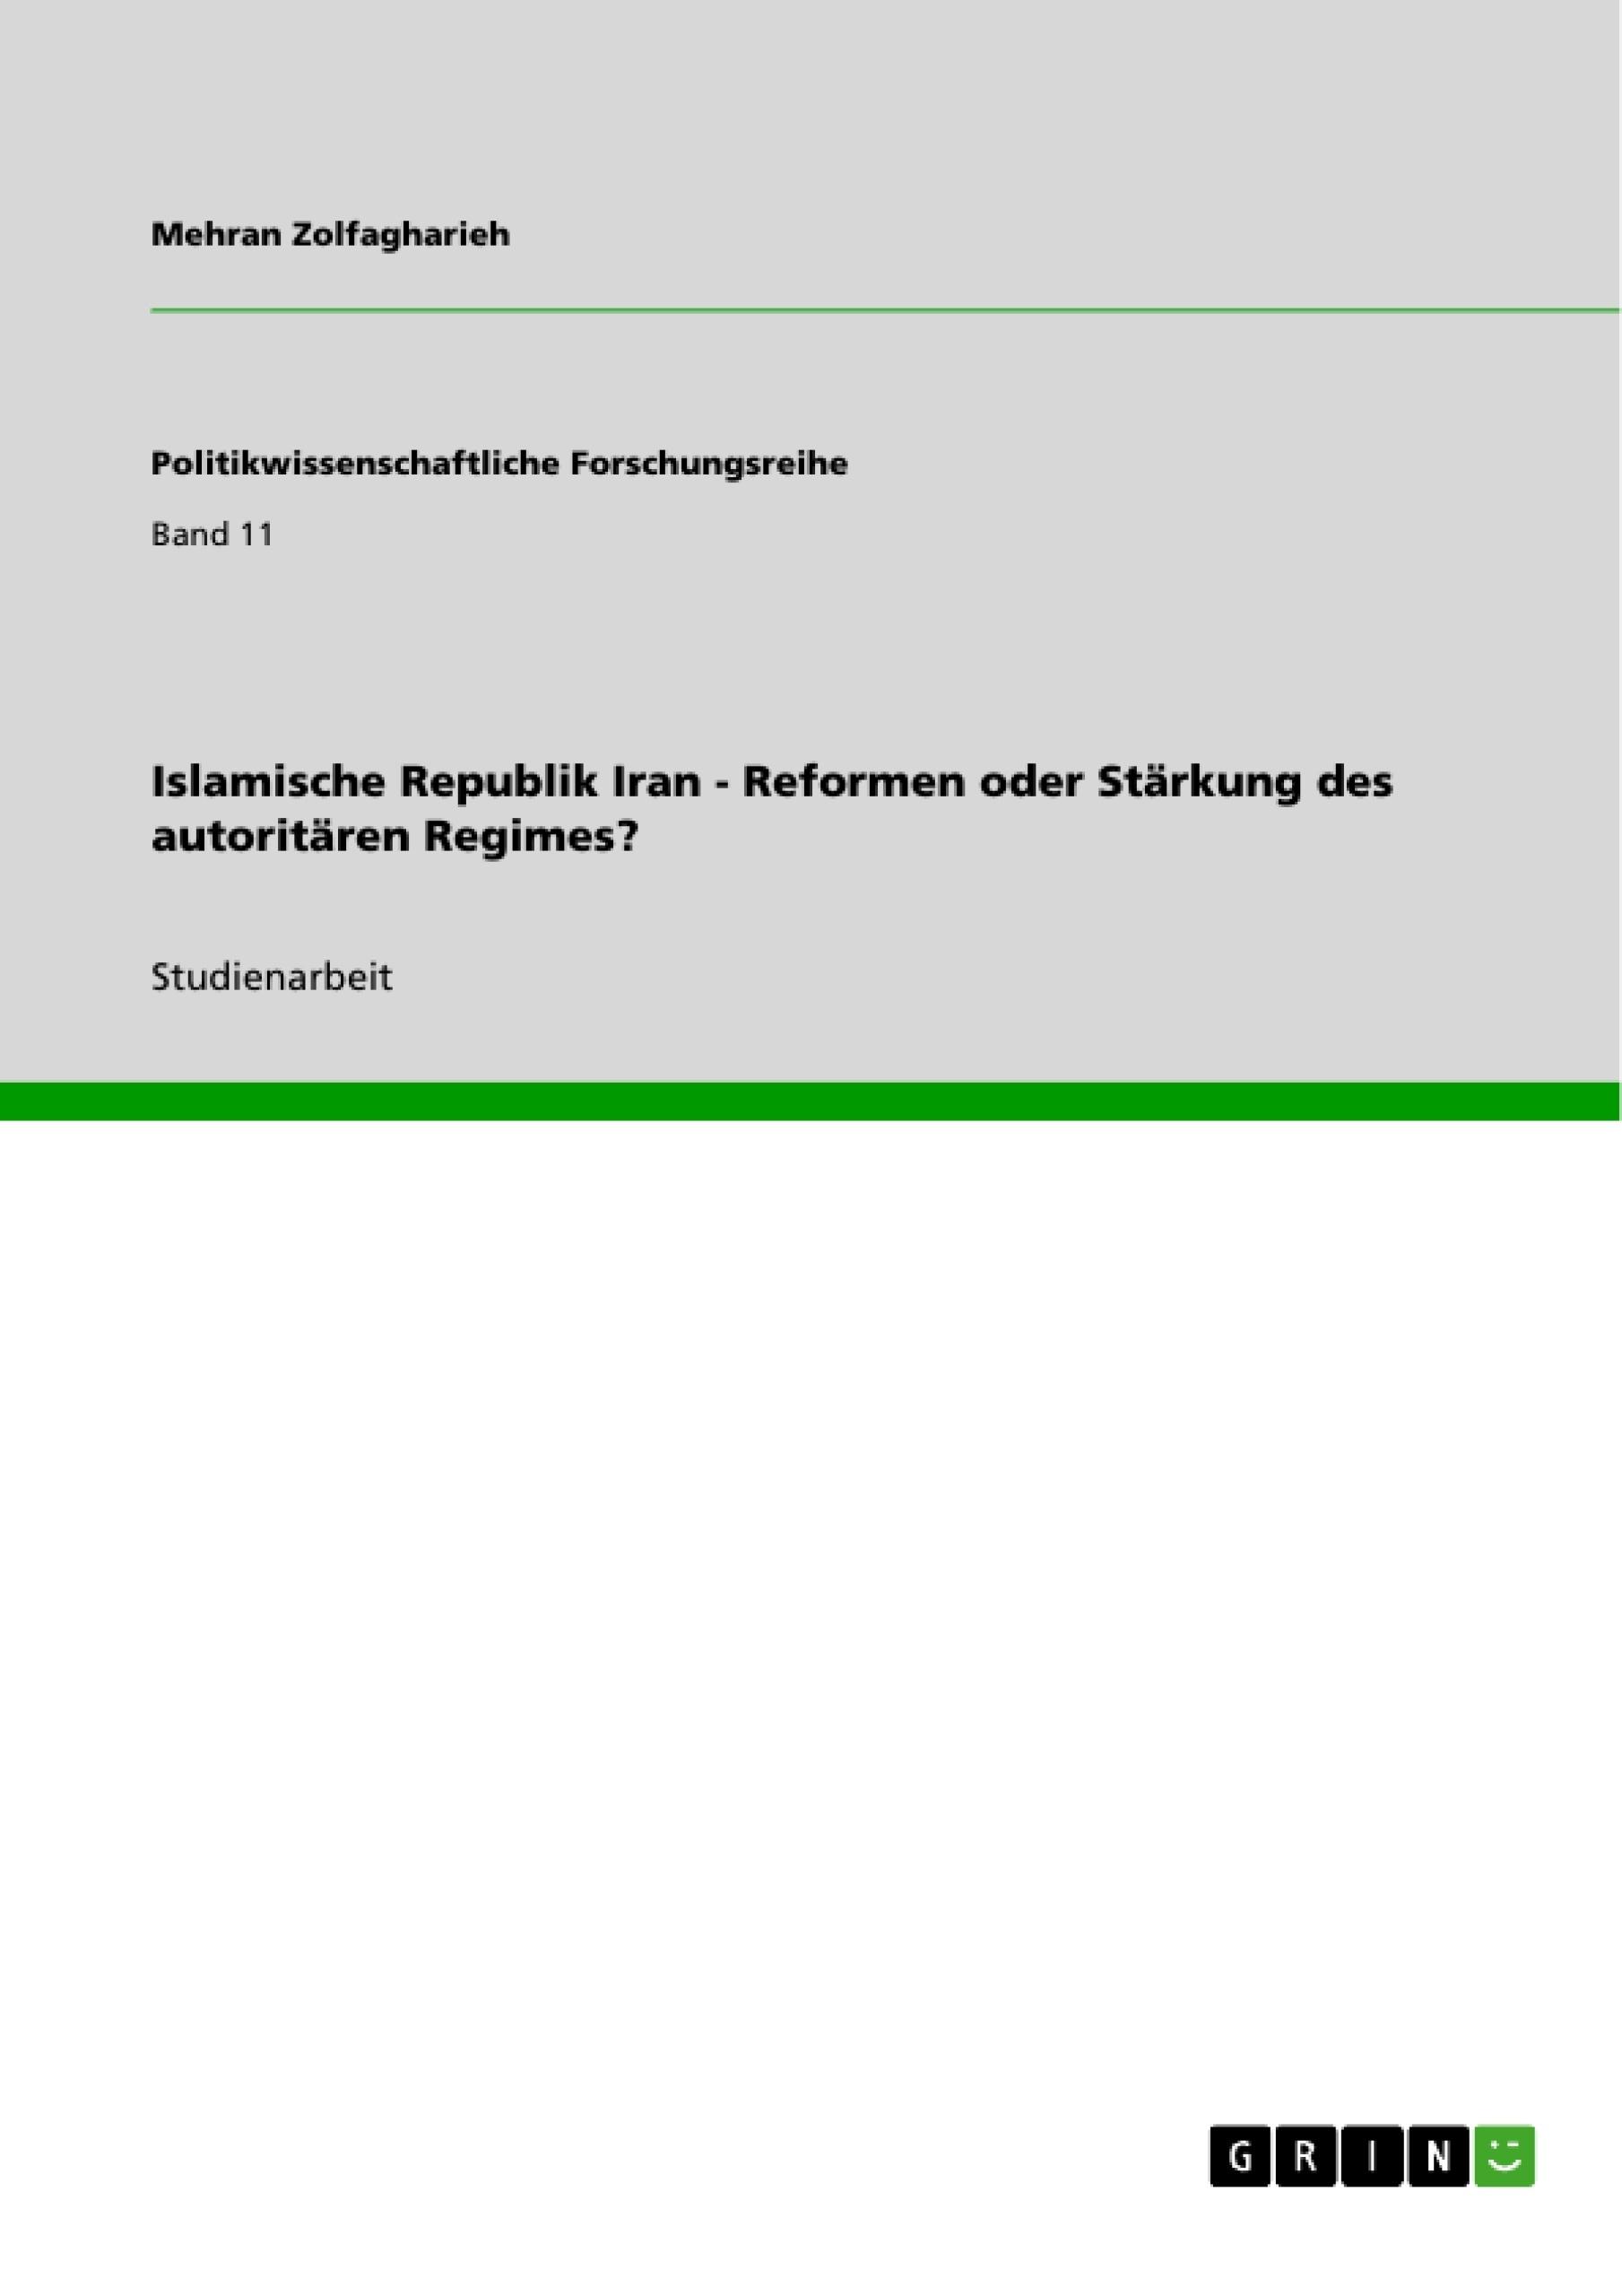 Titel: Islamische Republik Iran - Reformen oder Stärkung des autoritären Regimes?